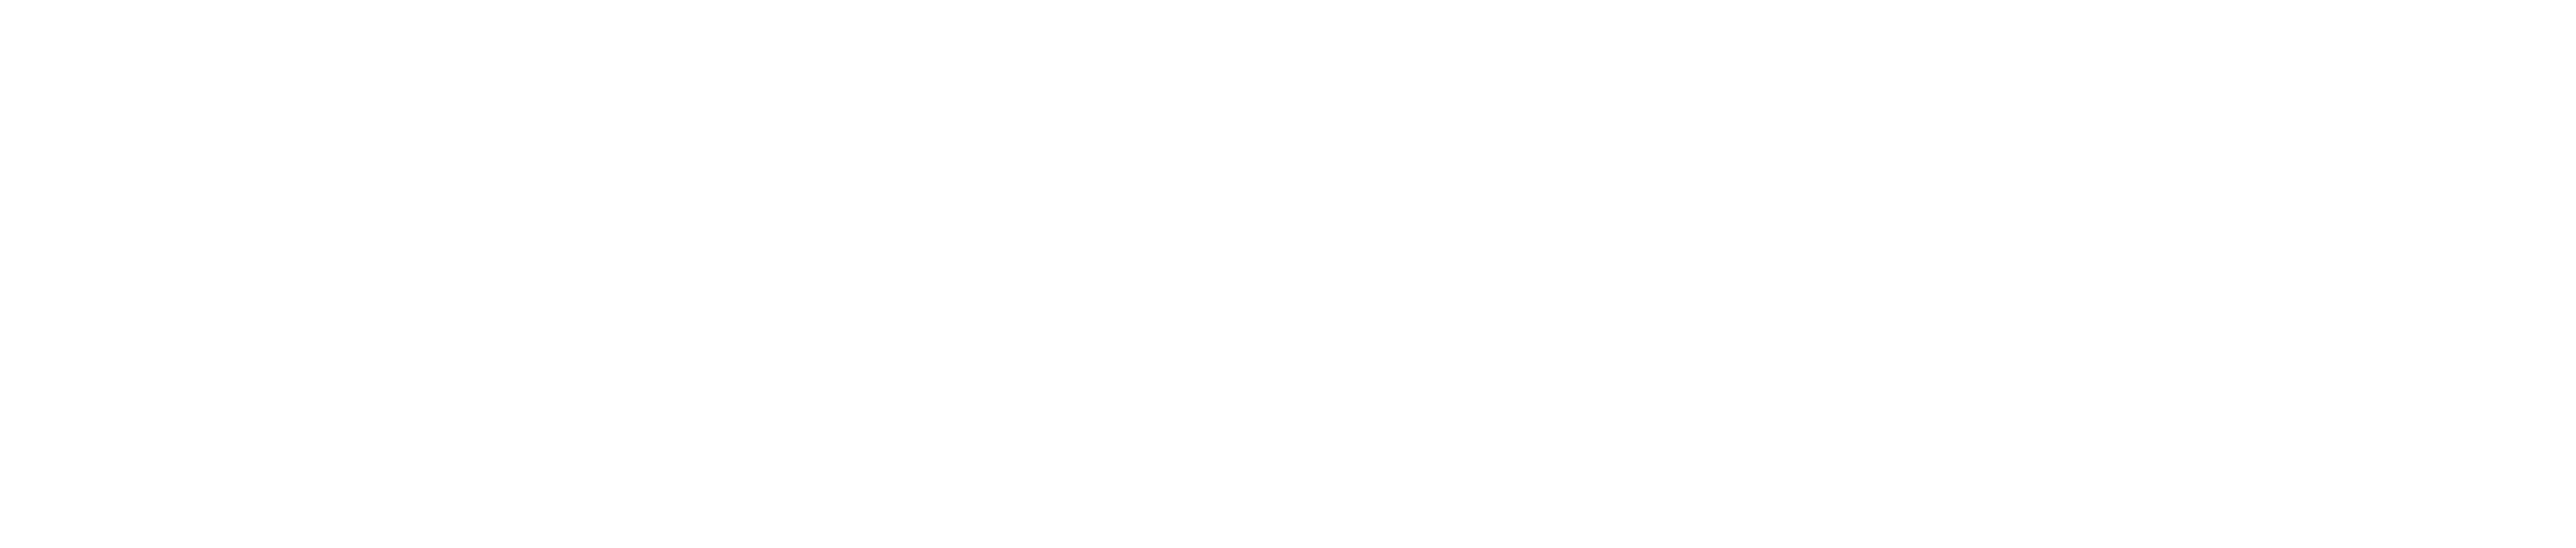 premier-dealers-logo copy